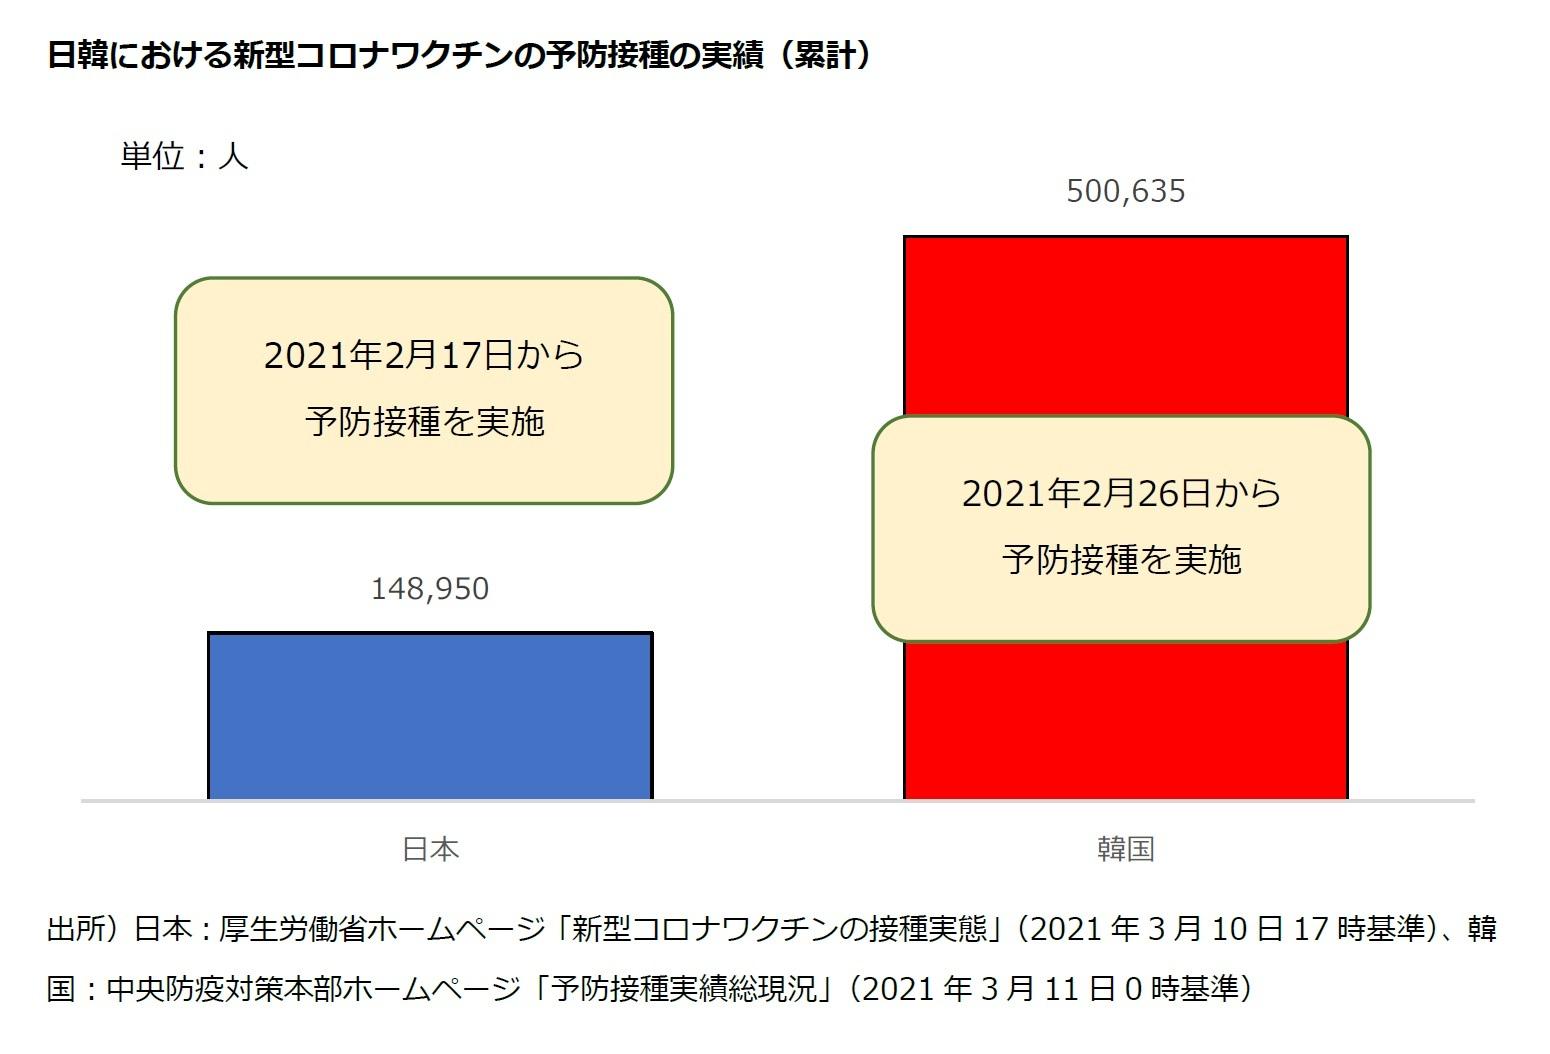 日韓における新型コロナワクチンの予防接種の実績(累計)